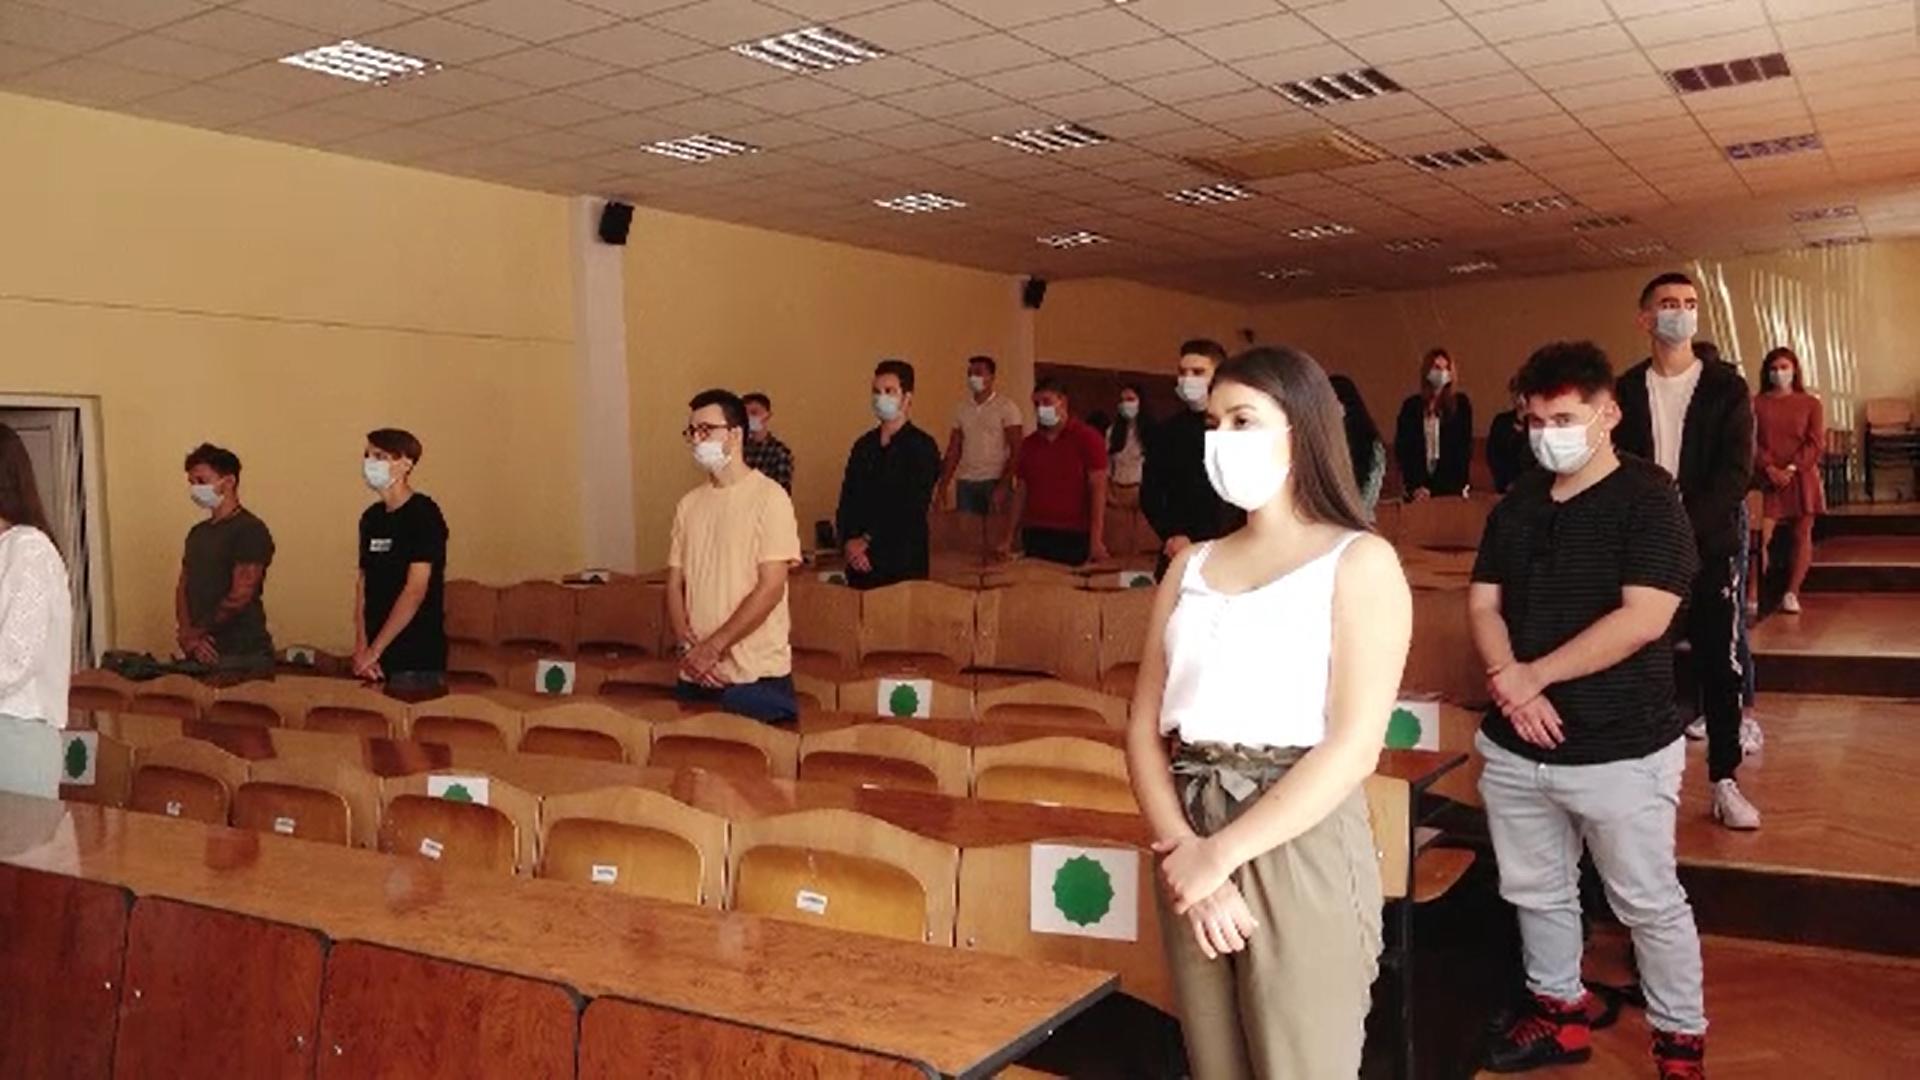 Rata de abandon din cadrul Universităților din România a scăzut drastic. Ce spun studenții